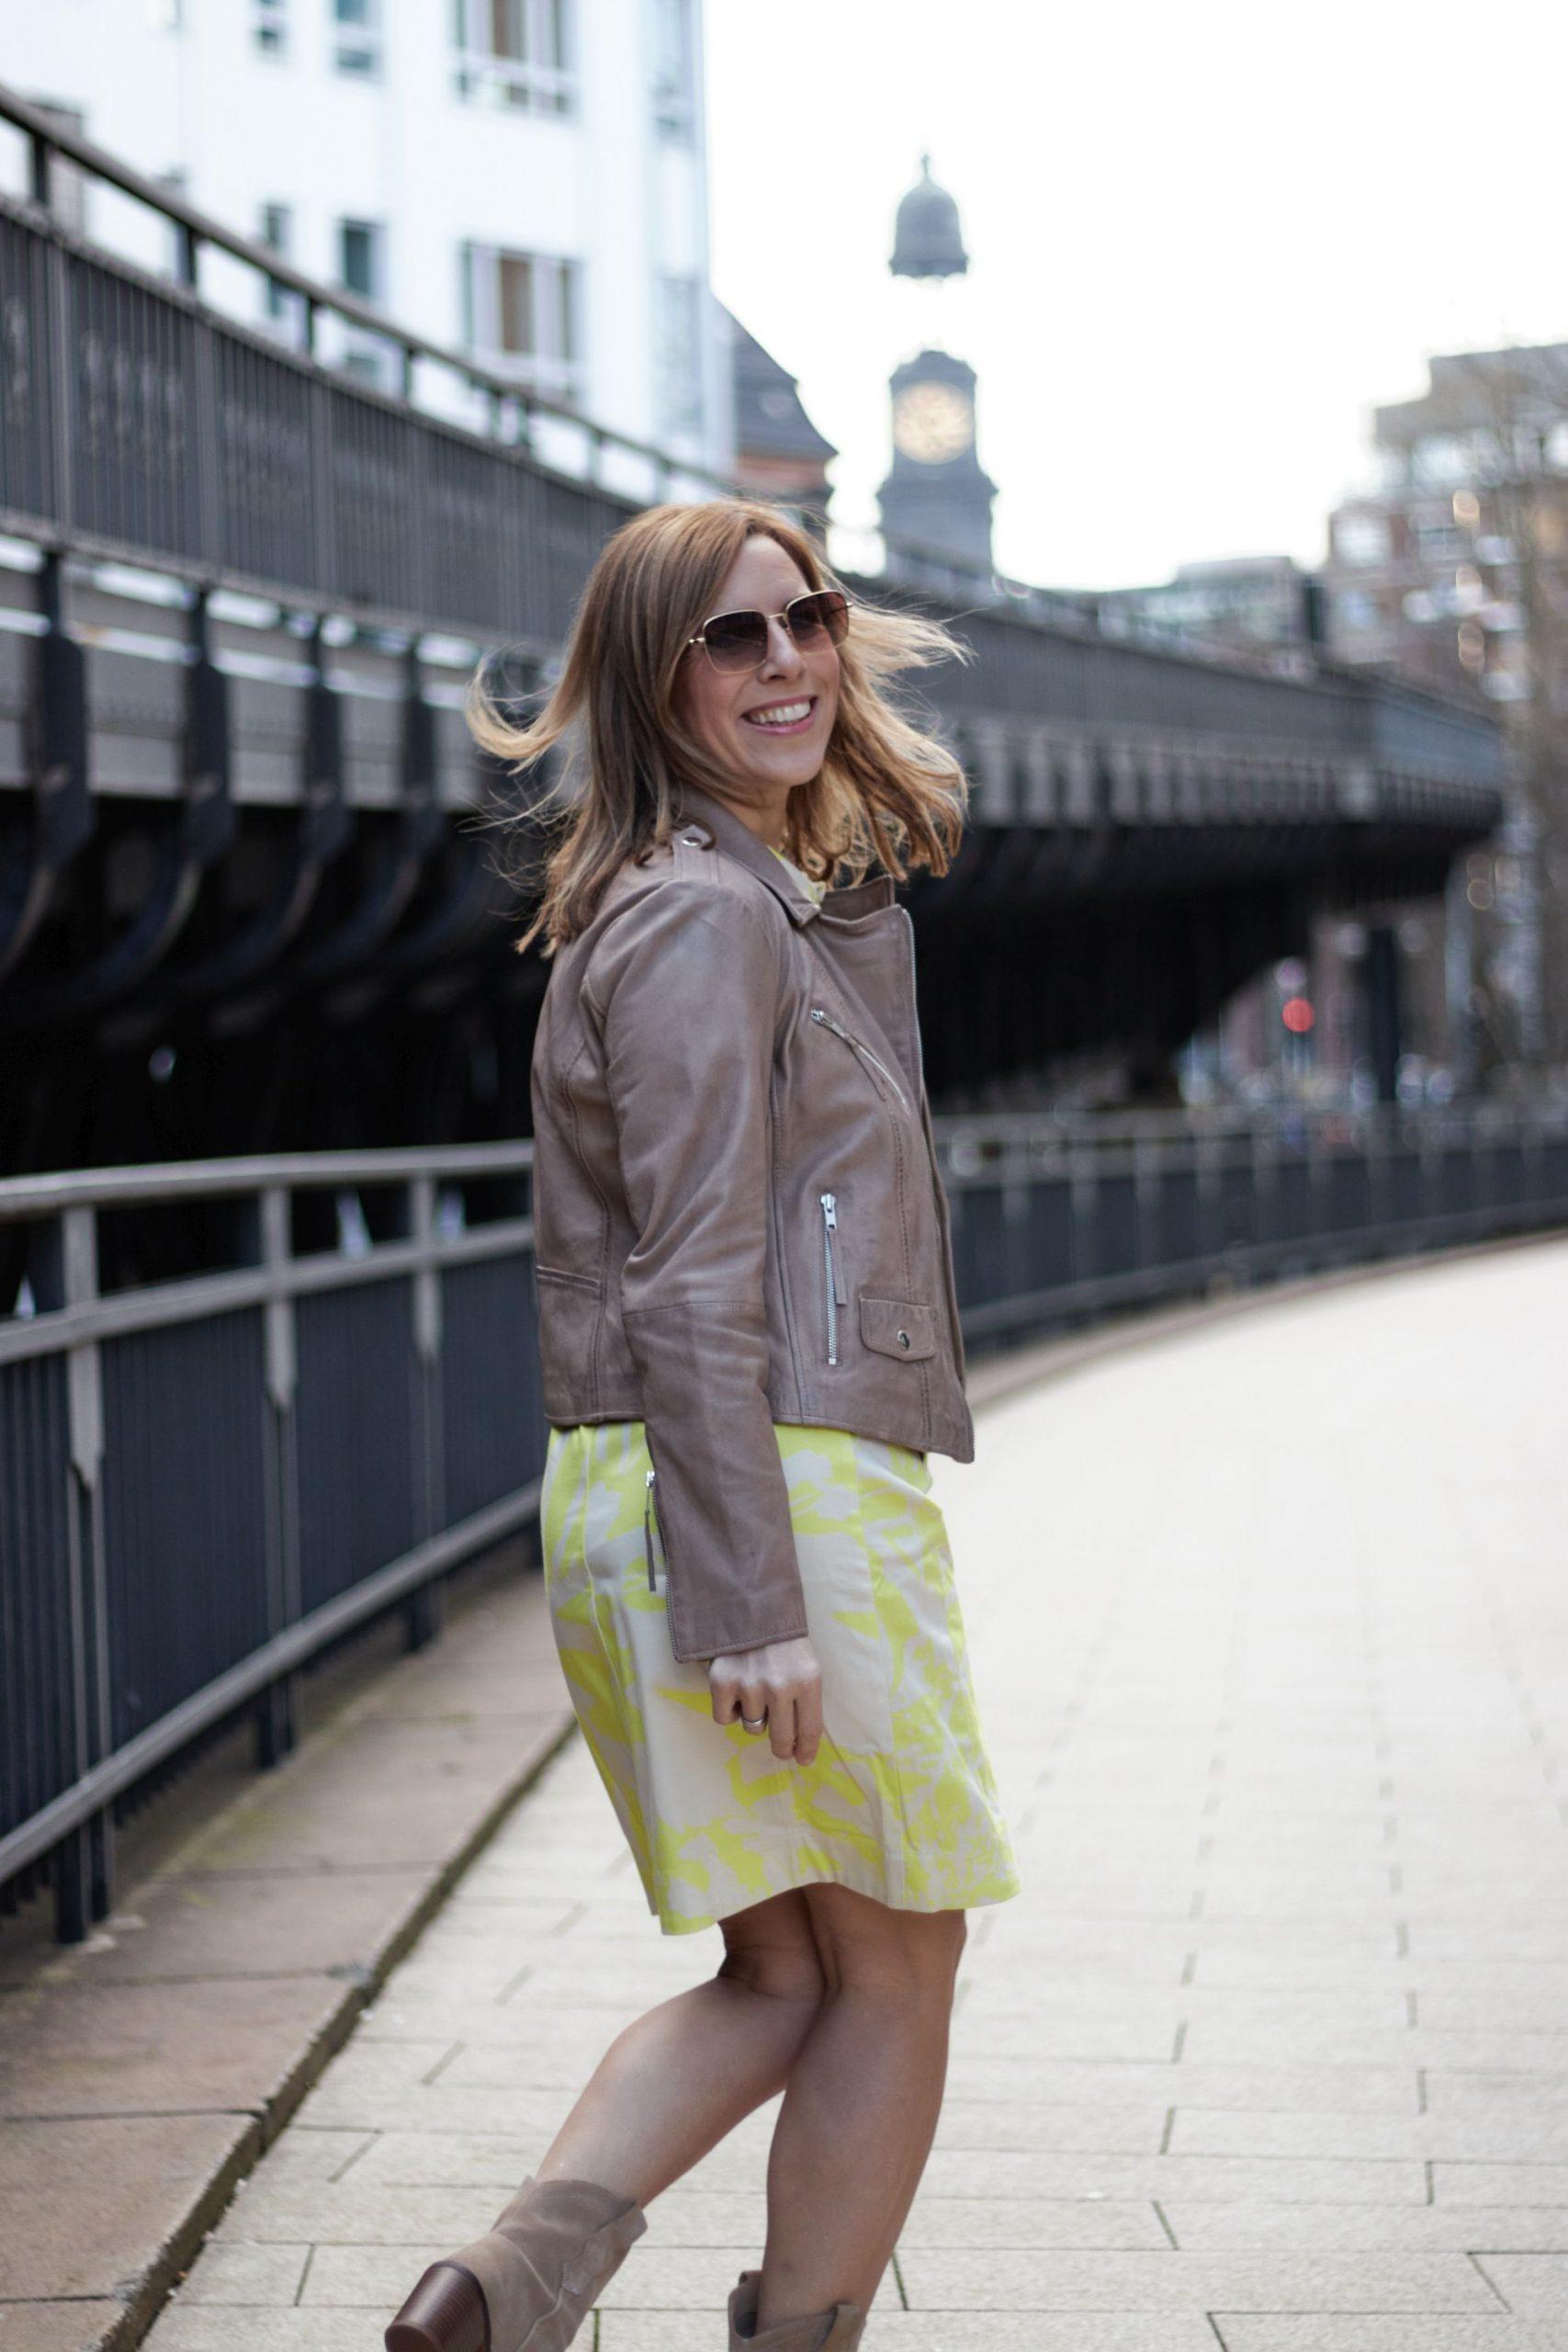 Trendfarbe Gelb 2020 - Kleid von WENZ mit Lederjacke